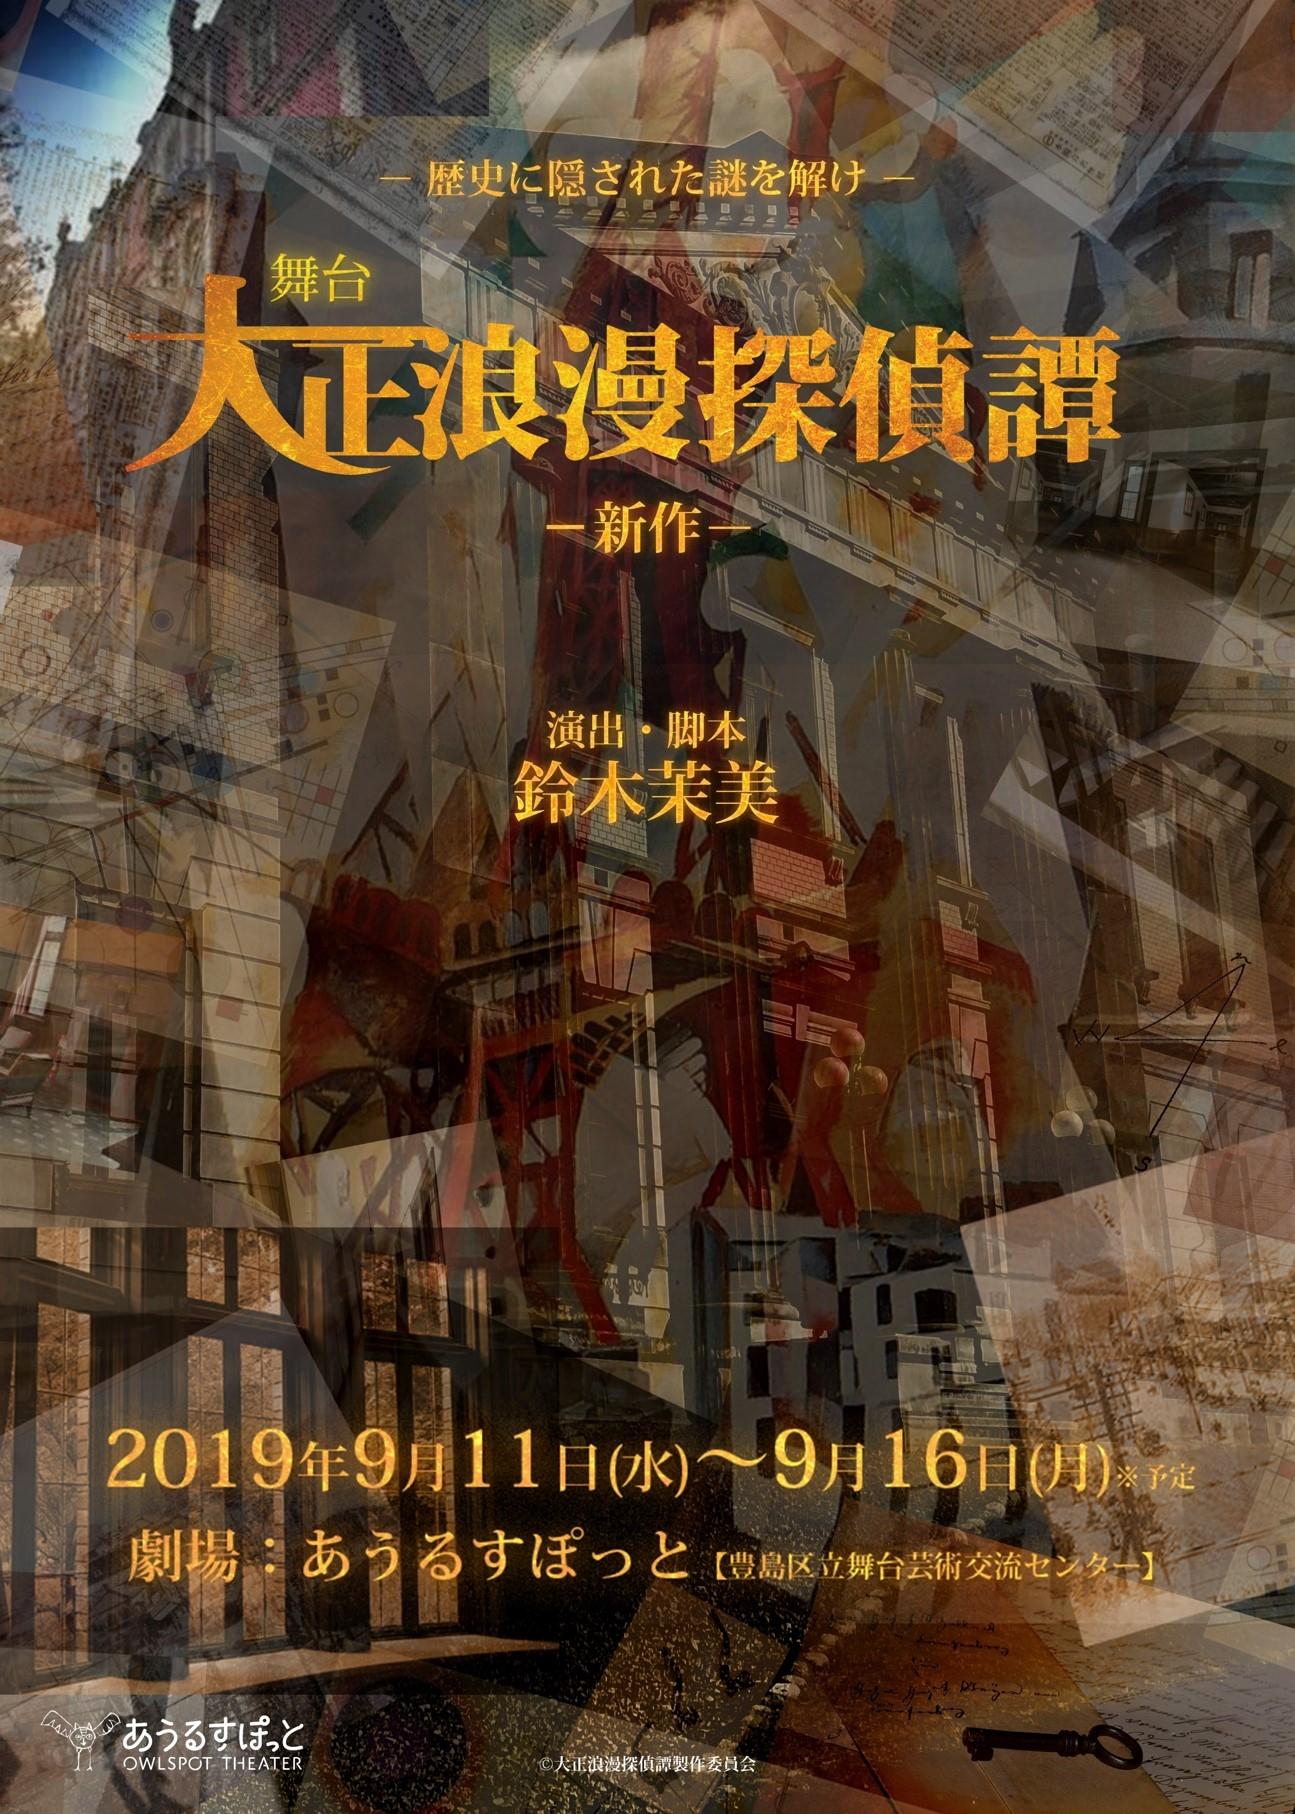 アニメイト限定特典付チケット最速先行受付が7月13日(土)より開始! 舞台『大正浪漫探偵譚-新作-』